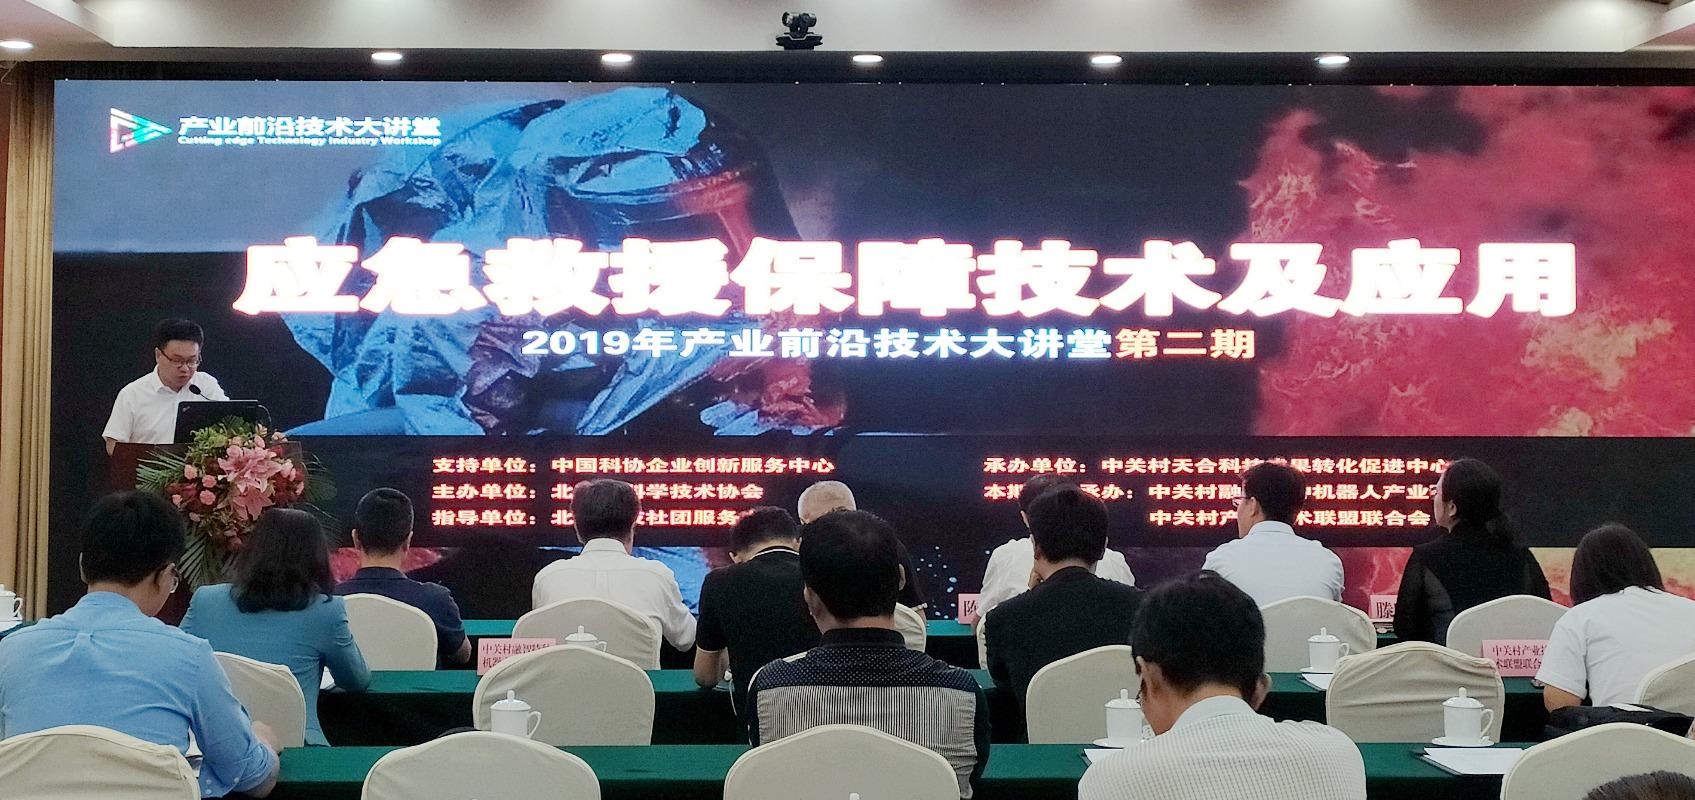 中关村产业前沿技术大讲堂开讲 聚焦应急产业及技术